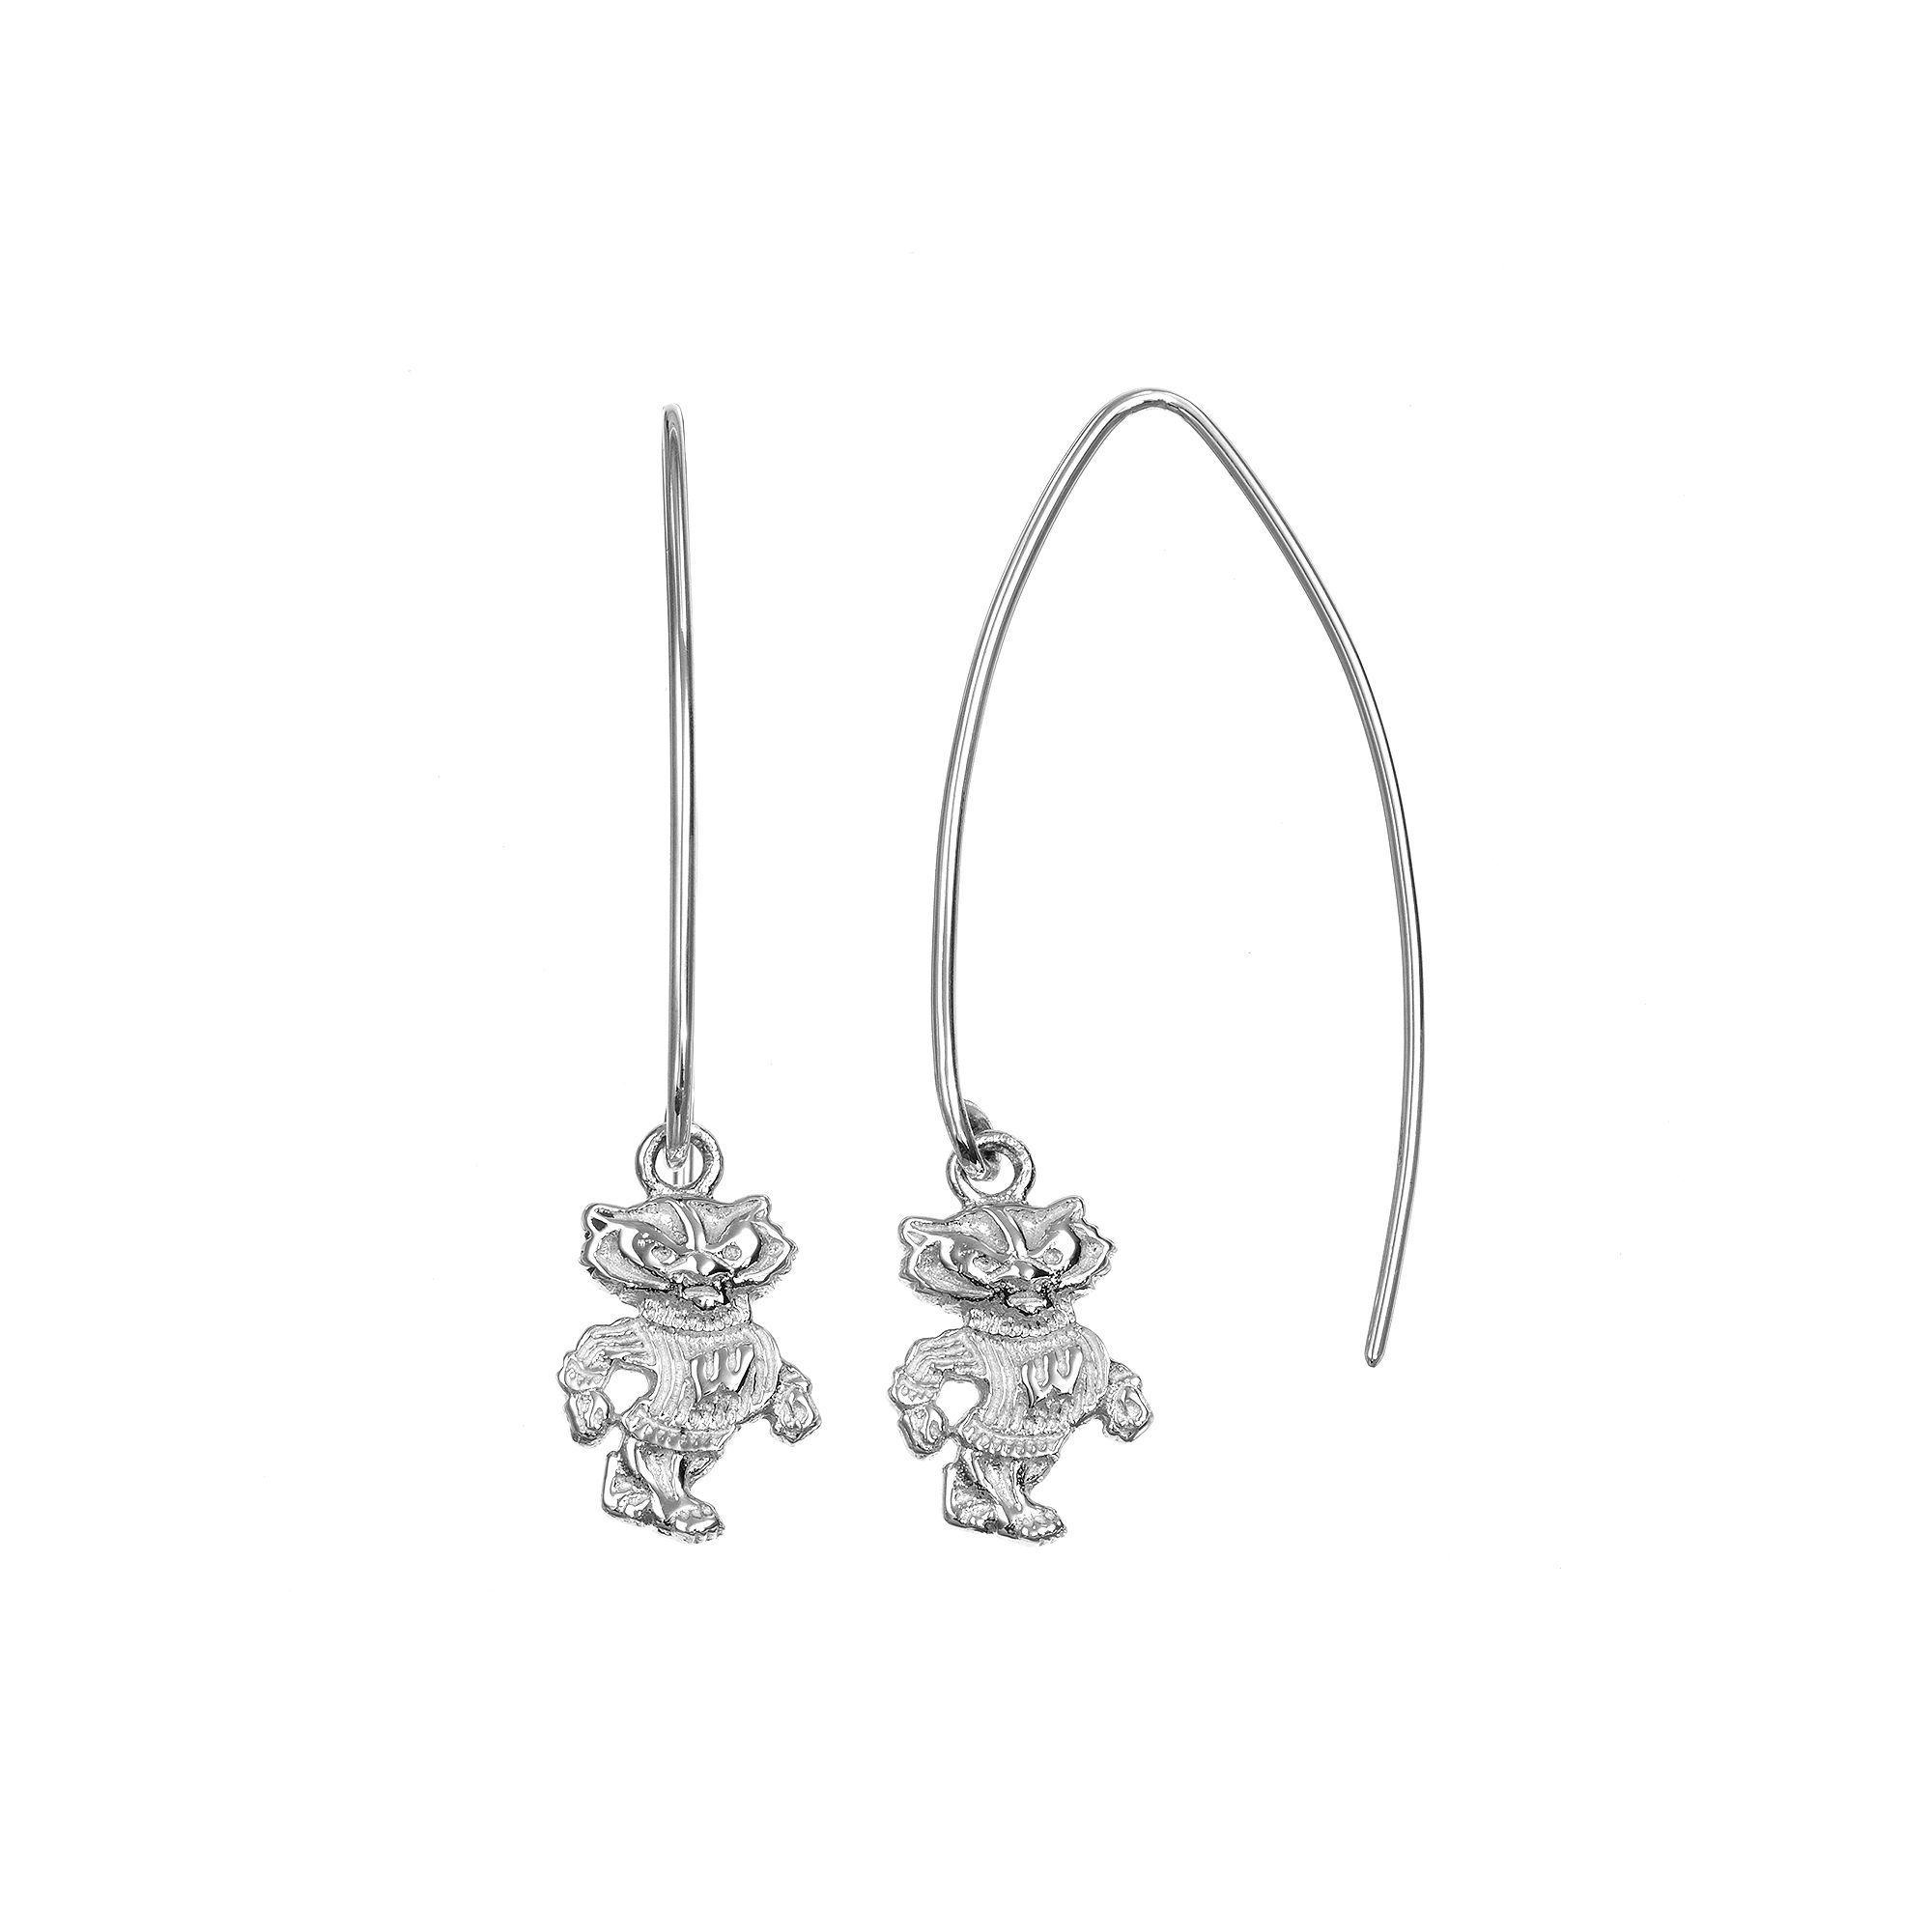 Dayna U Wisconsin Badgers Sterling Silver Hook Earrings, Women's, Grey